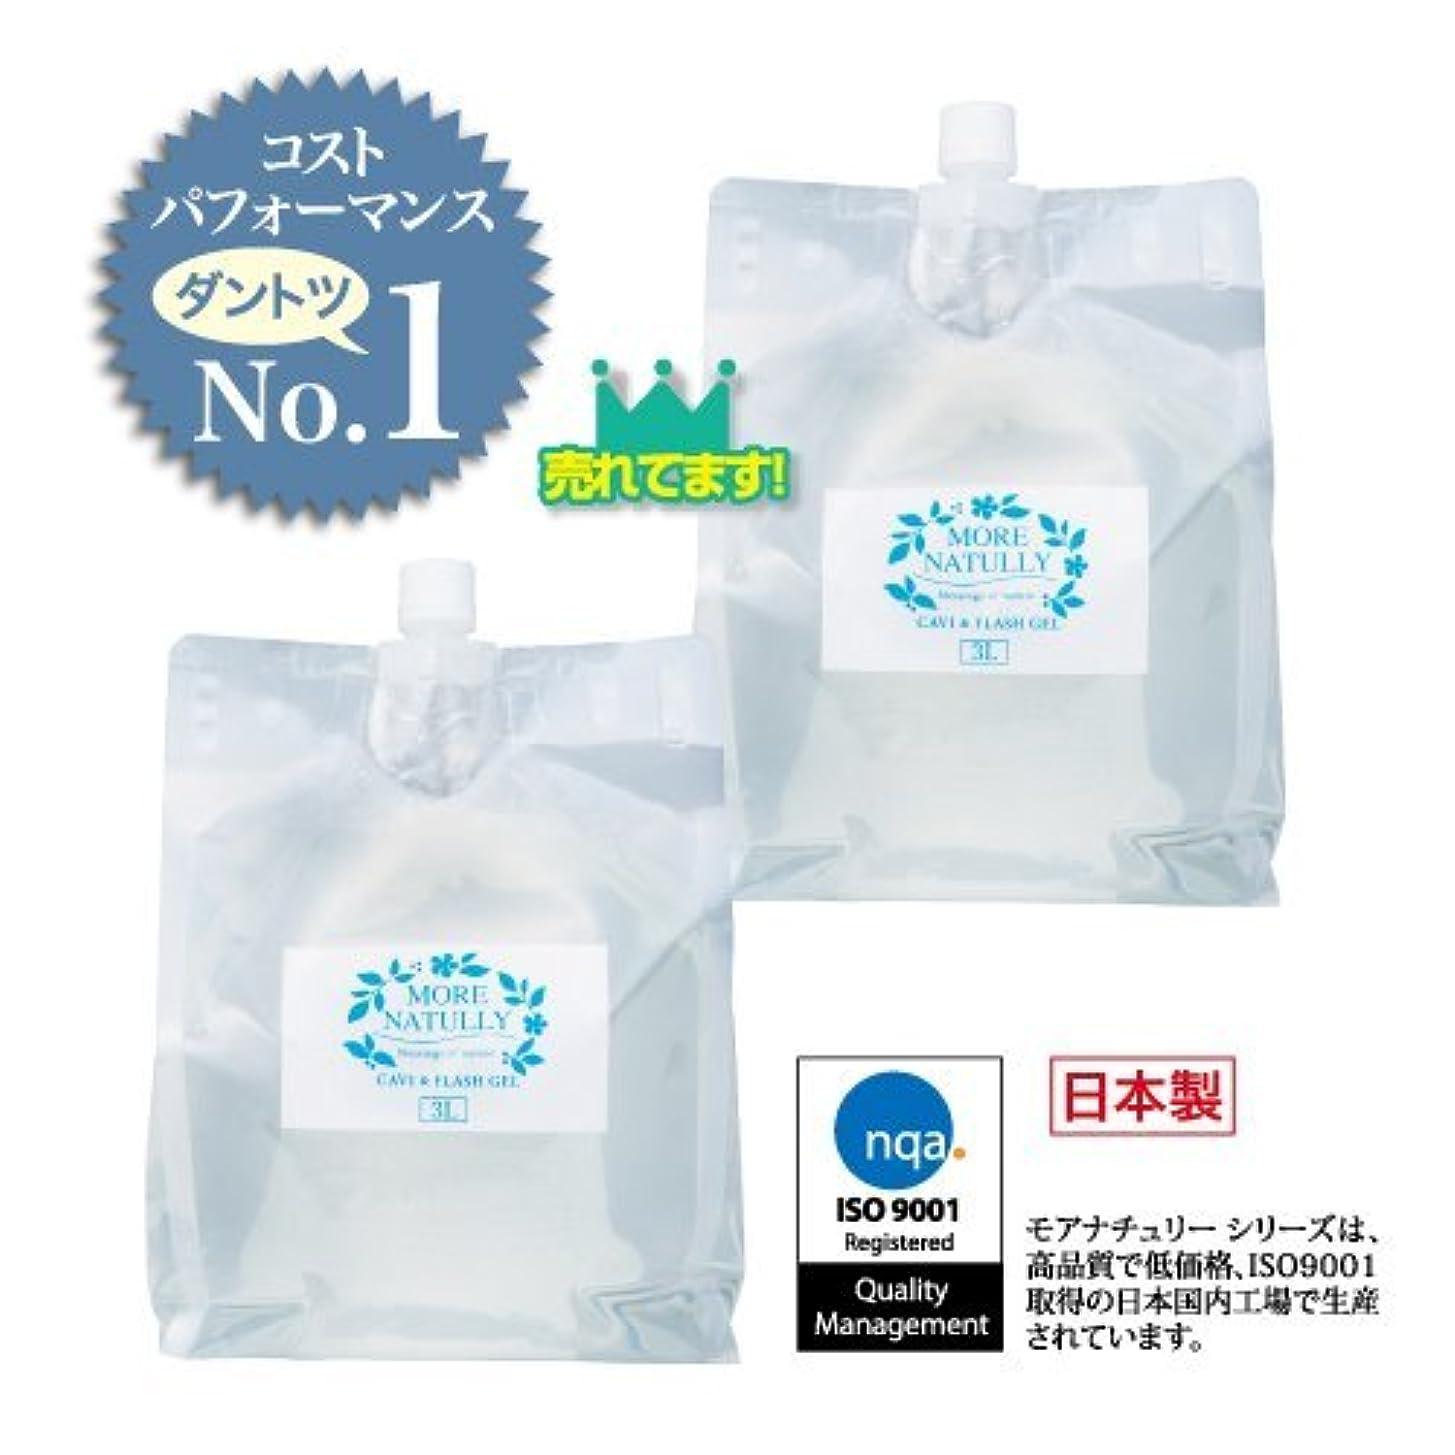 関税疲労芝生モアナチュリー キャビ&フラッシュジェル 【ソフト】3kg×2袋